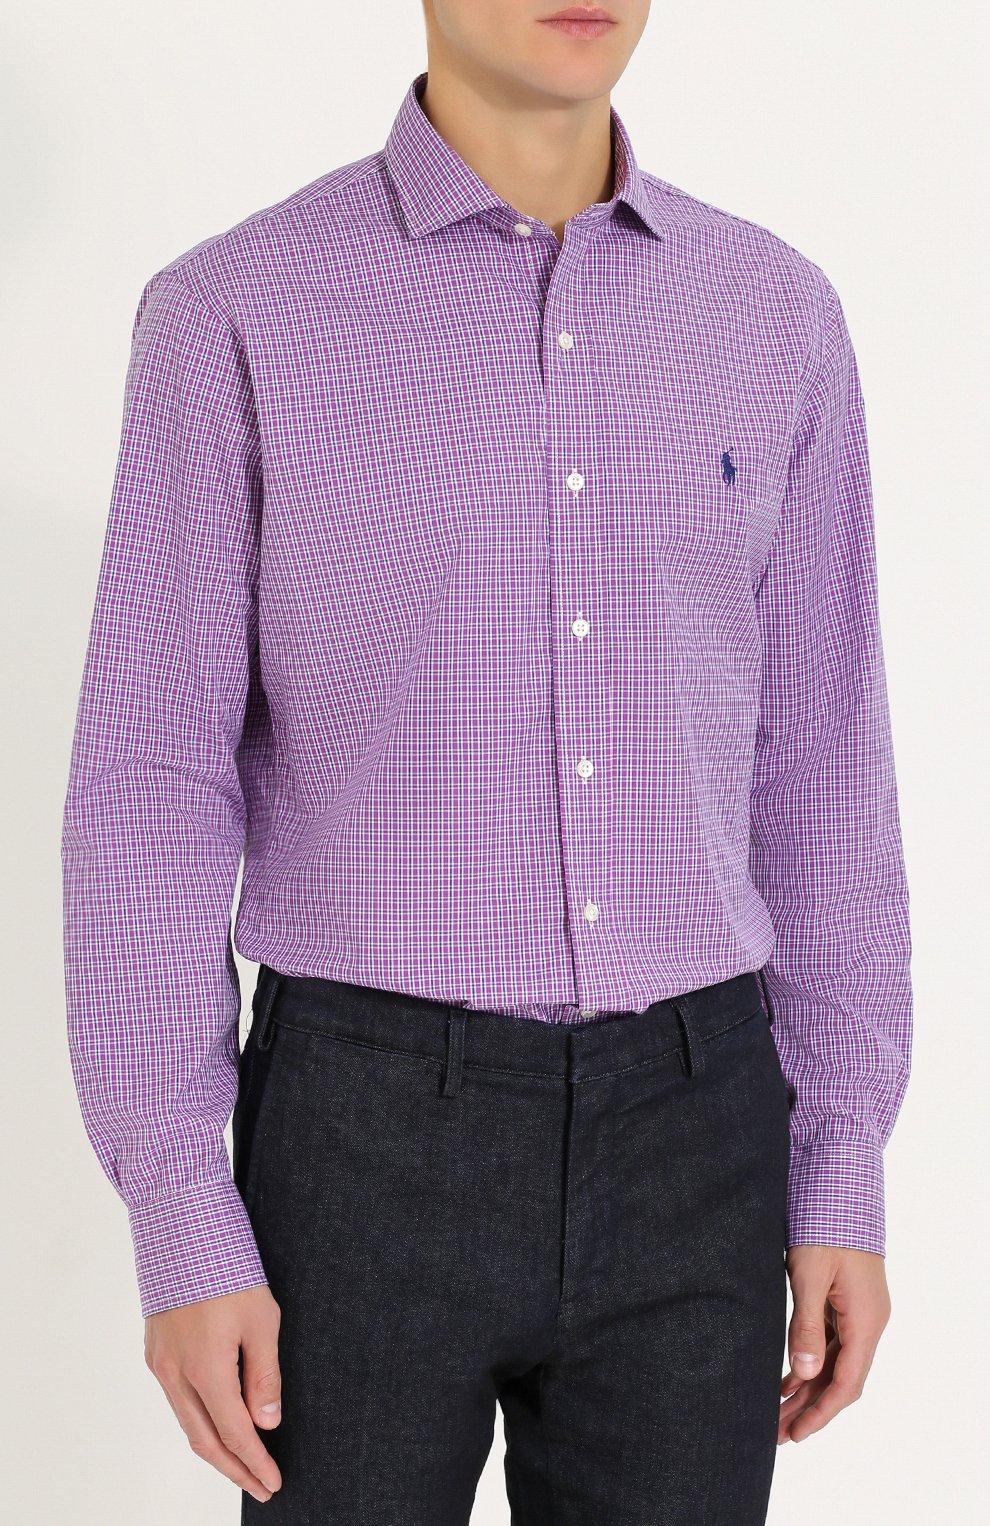 aeae9b2bc1e Мужская фиолетовая хлопковая рубашка в клетку POLO RALPH LAUREN ...